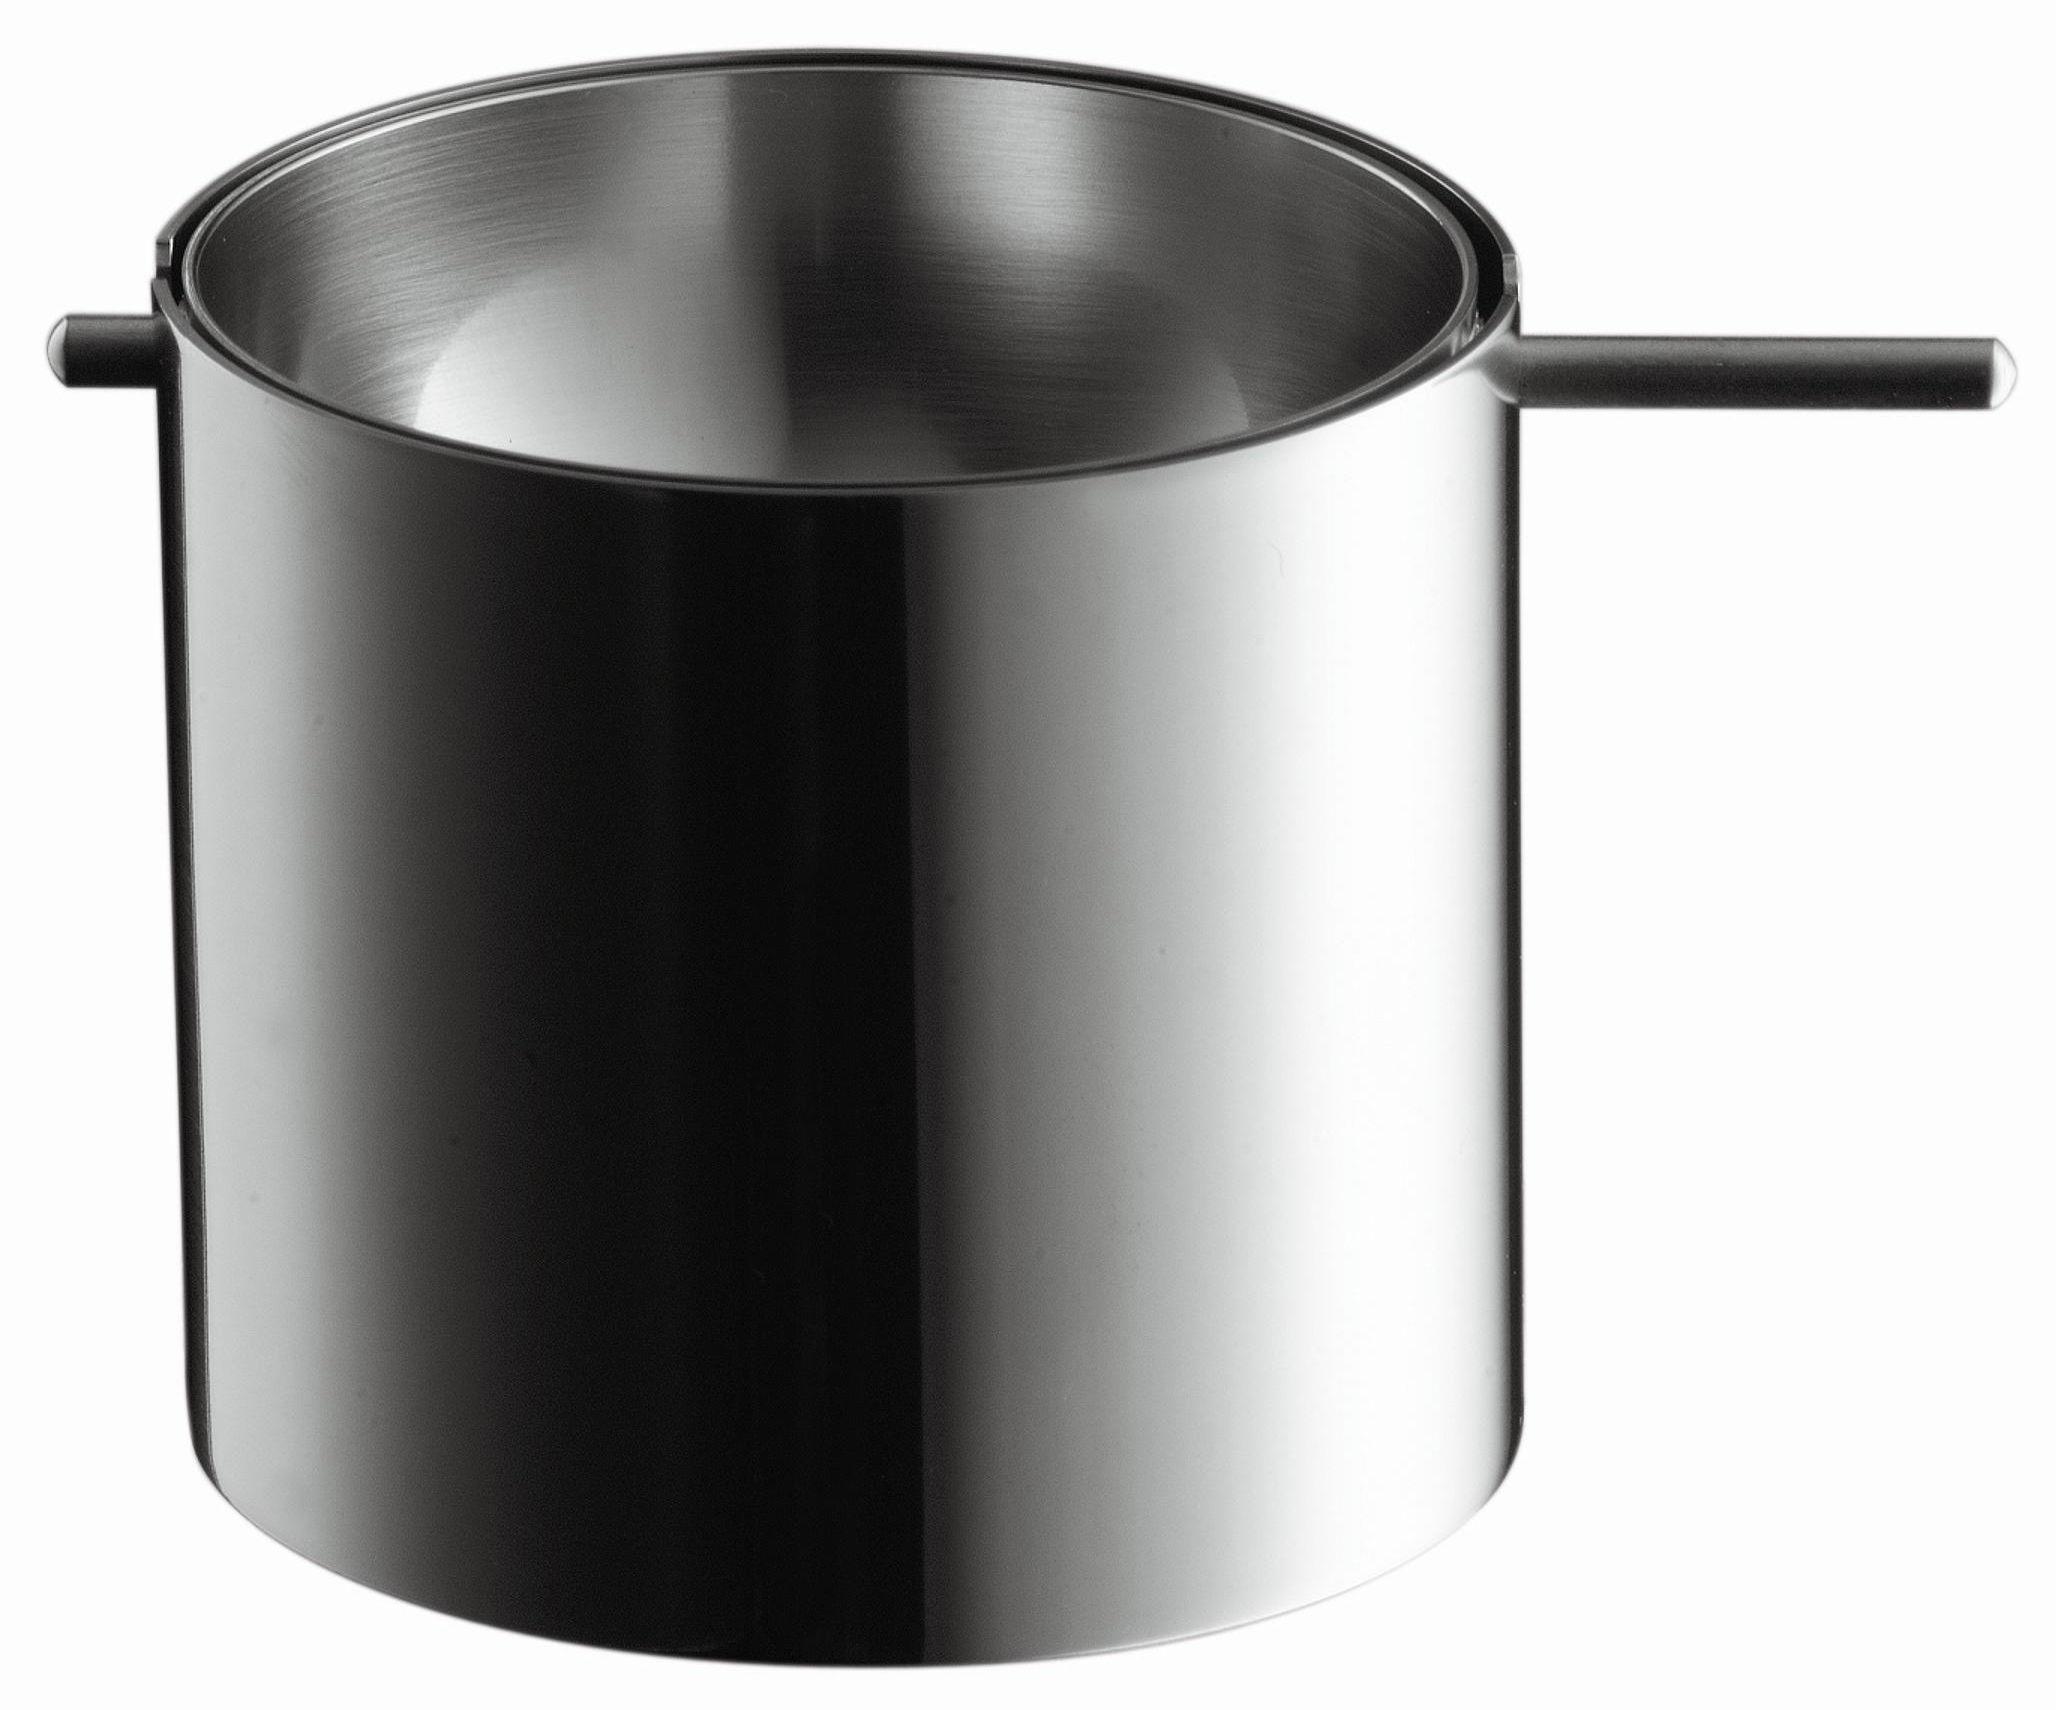 Accessori moda - Posacenere - Portacenere Cylinda-Line - Portacenere basculante di Stelton - Modello piccolo - Acciaio inossidabile